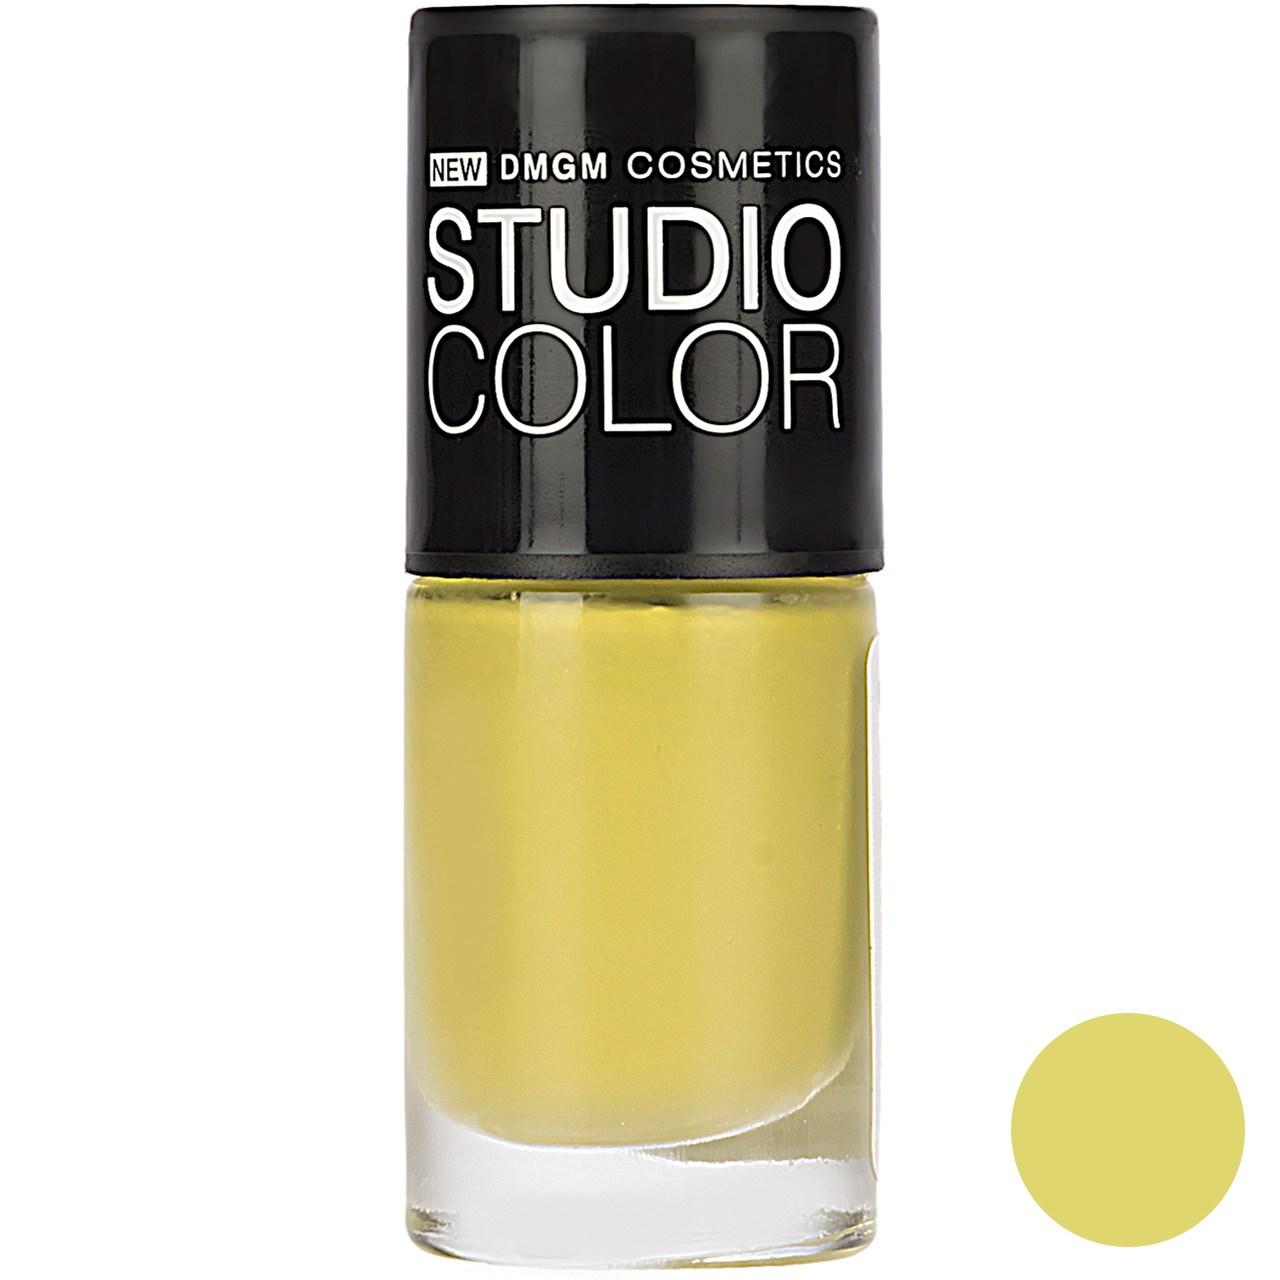 لاک ناخن دی ام جی ام سری Studio Color مدل Burj Al Arab شماره E32